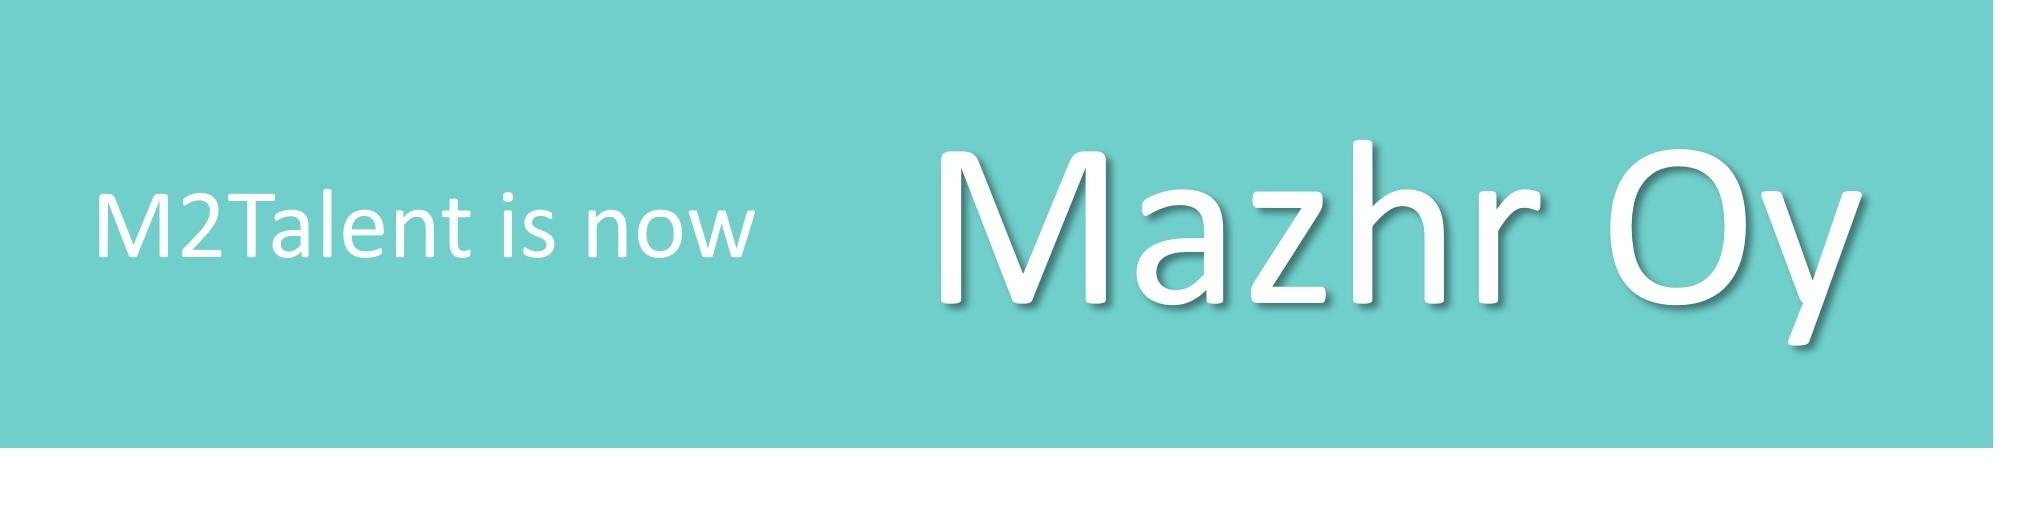 Kuvahaun tulos: mazhr logo